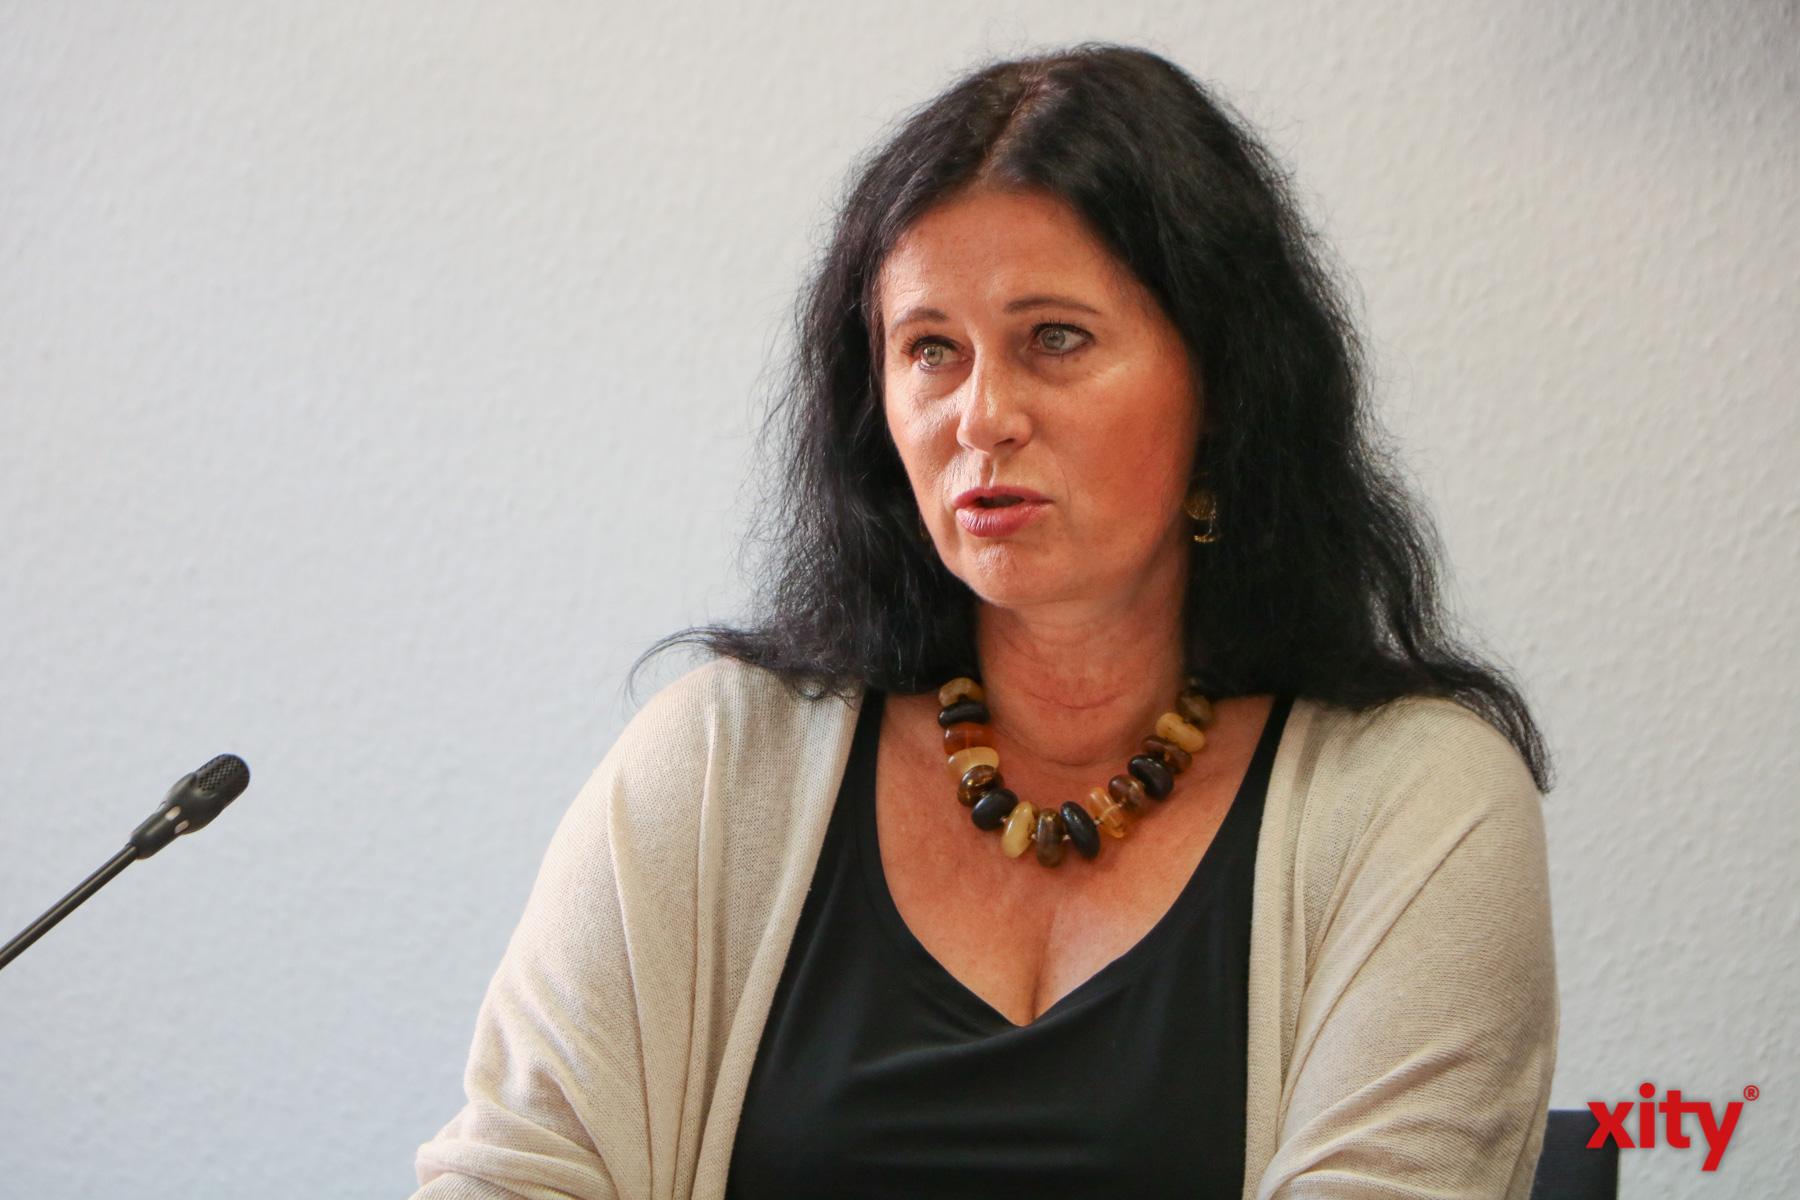 Beigeordnete Cornelia Zuschke verriet Details zur Planung für 2021 (Foto: xity)